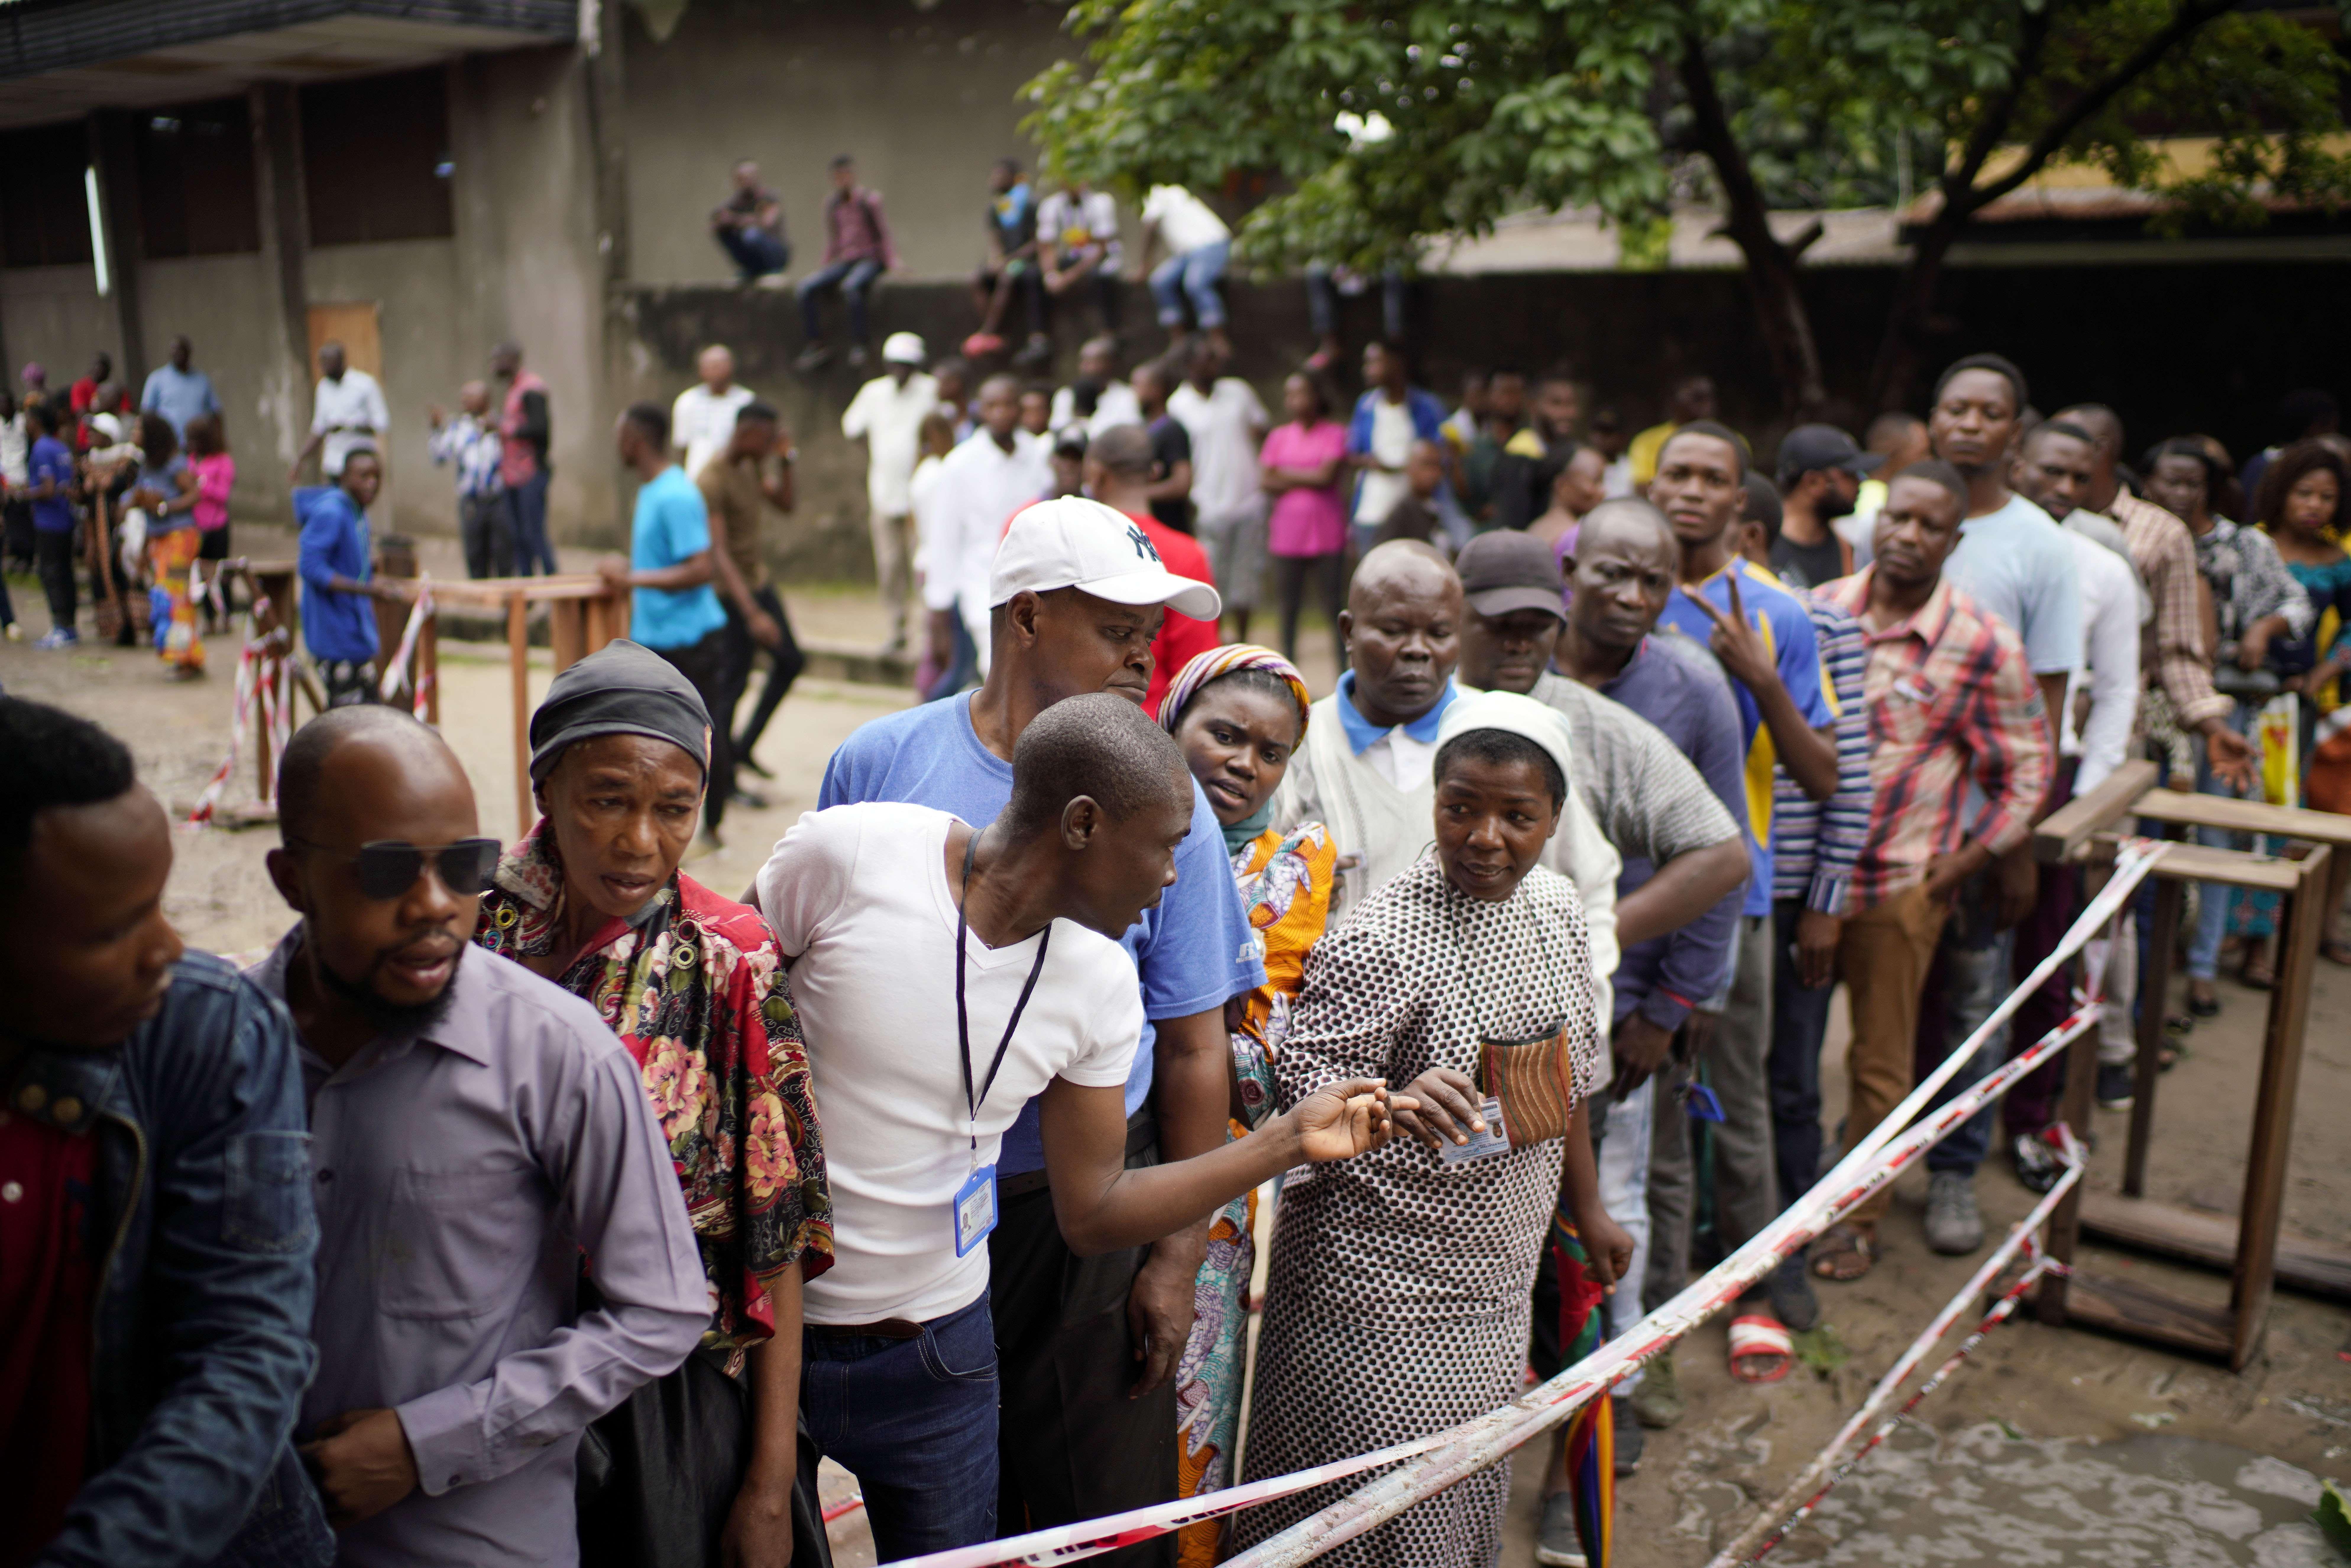 Des électeurs congolais en attente à l'école de Saint-Raphaël dans le district de Limete à Kinshasa dimanche 30 décembre 2018.